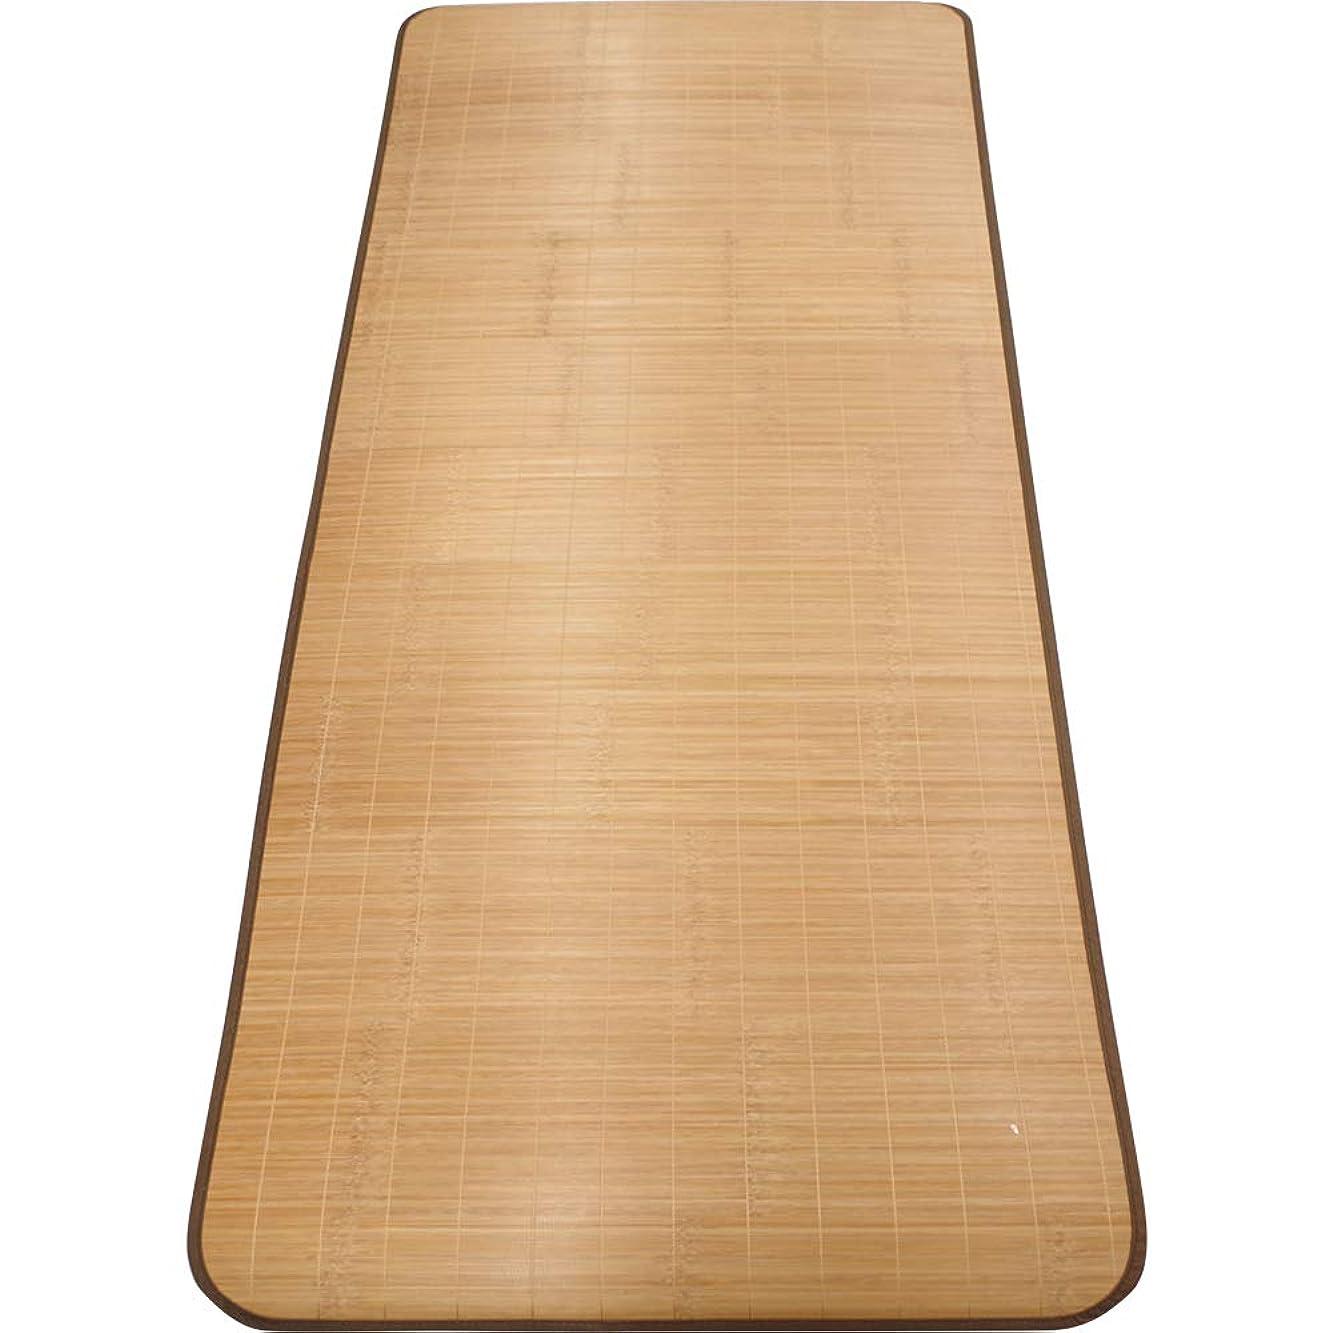 発掘セイはさておきじゃがいもアーリエ(Arie) フラットシーツ ブラウン 80×180cm 快適 天然竹使用 ごろ寝シート ひんやり冷感シーツ